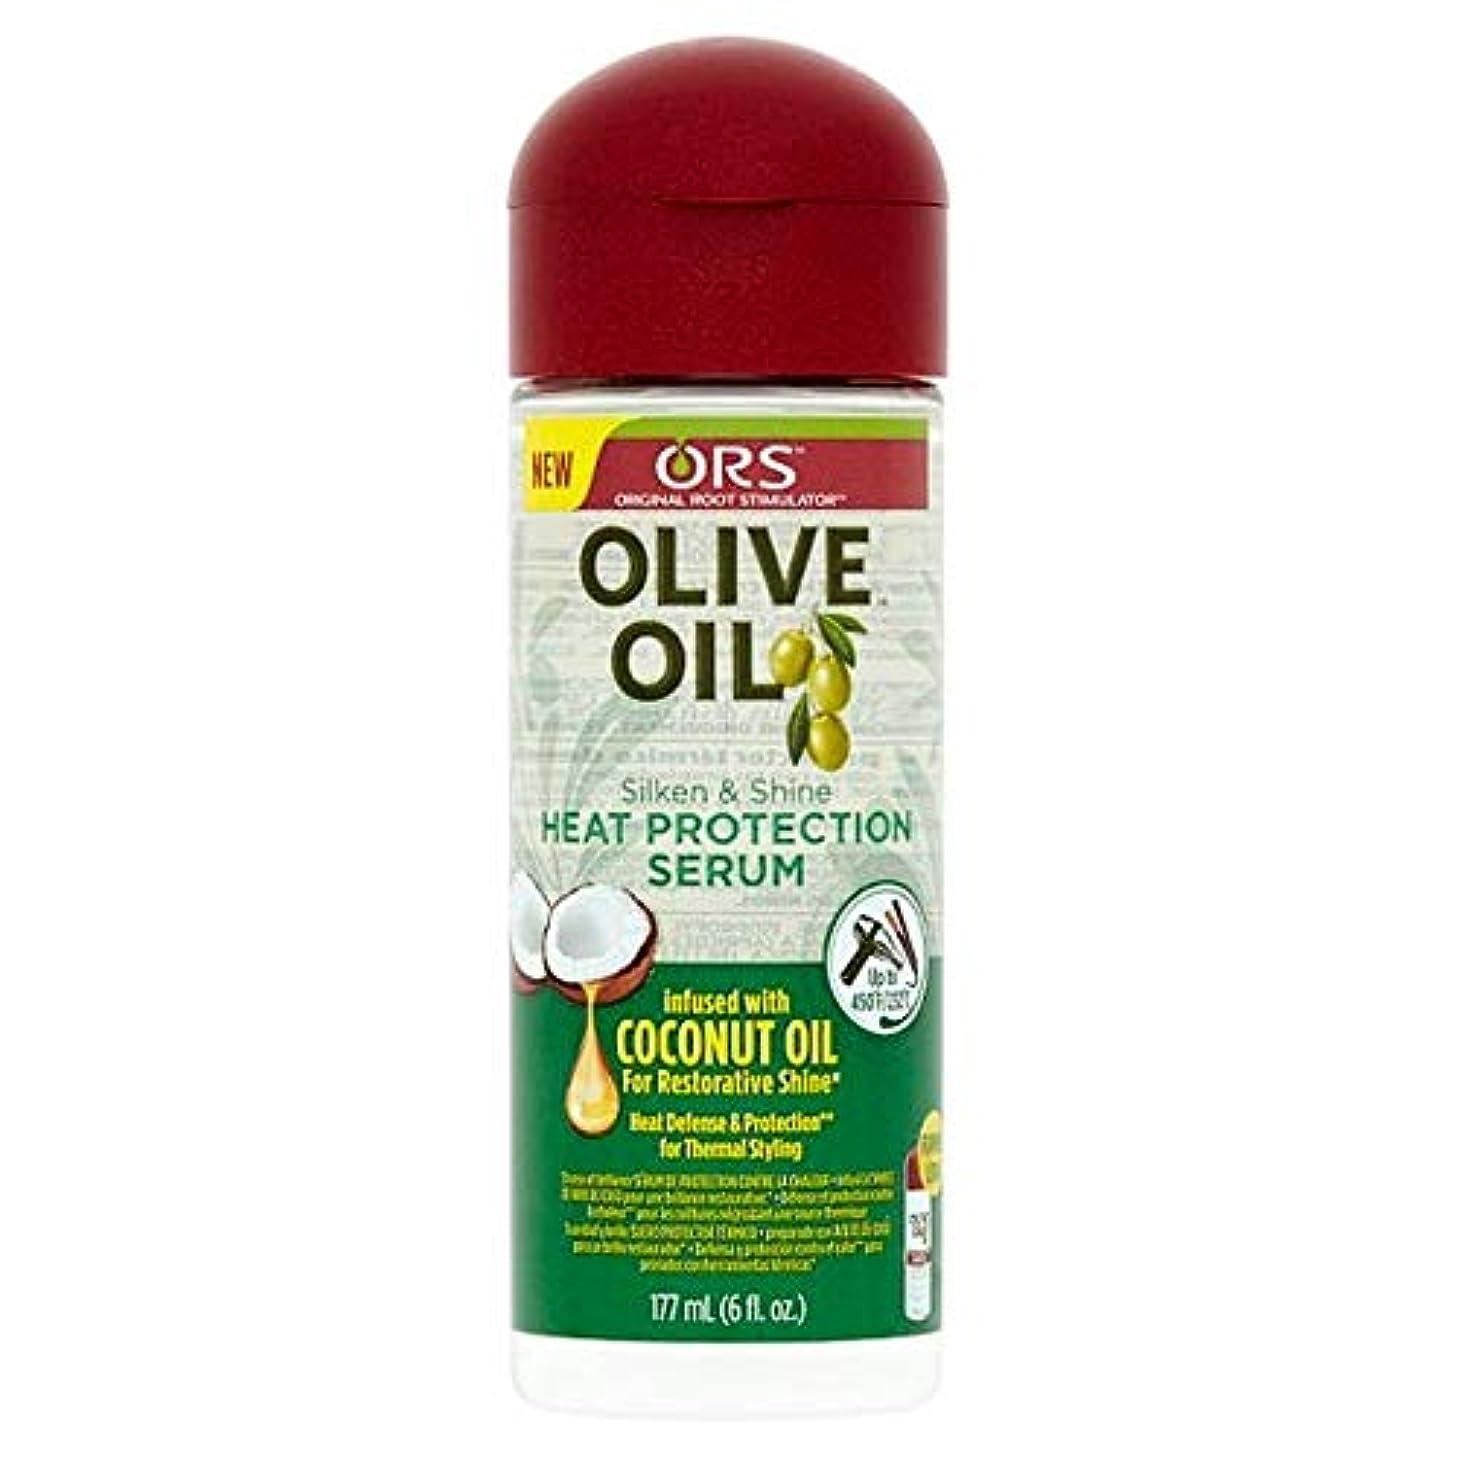 素晴らしいです楽しいダメージ[Ors] オリーブオイルの熱保護血清117ミリリットル - Olive Oil Heat Protection Serum 117Ml [並行輸入品]